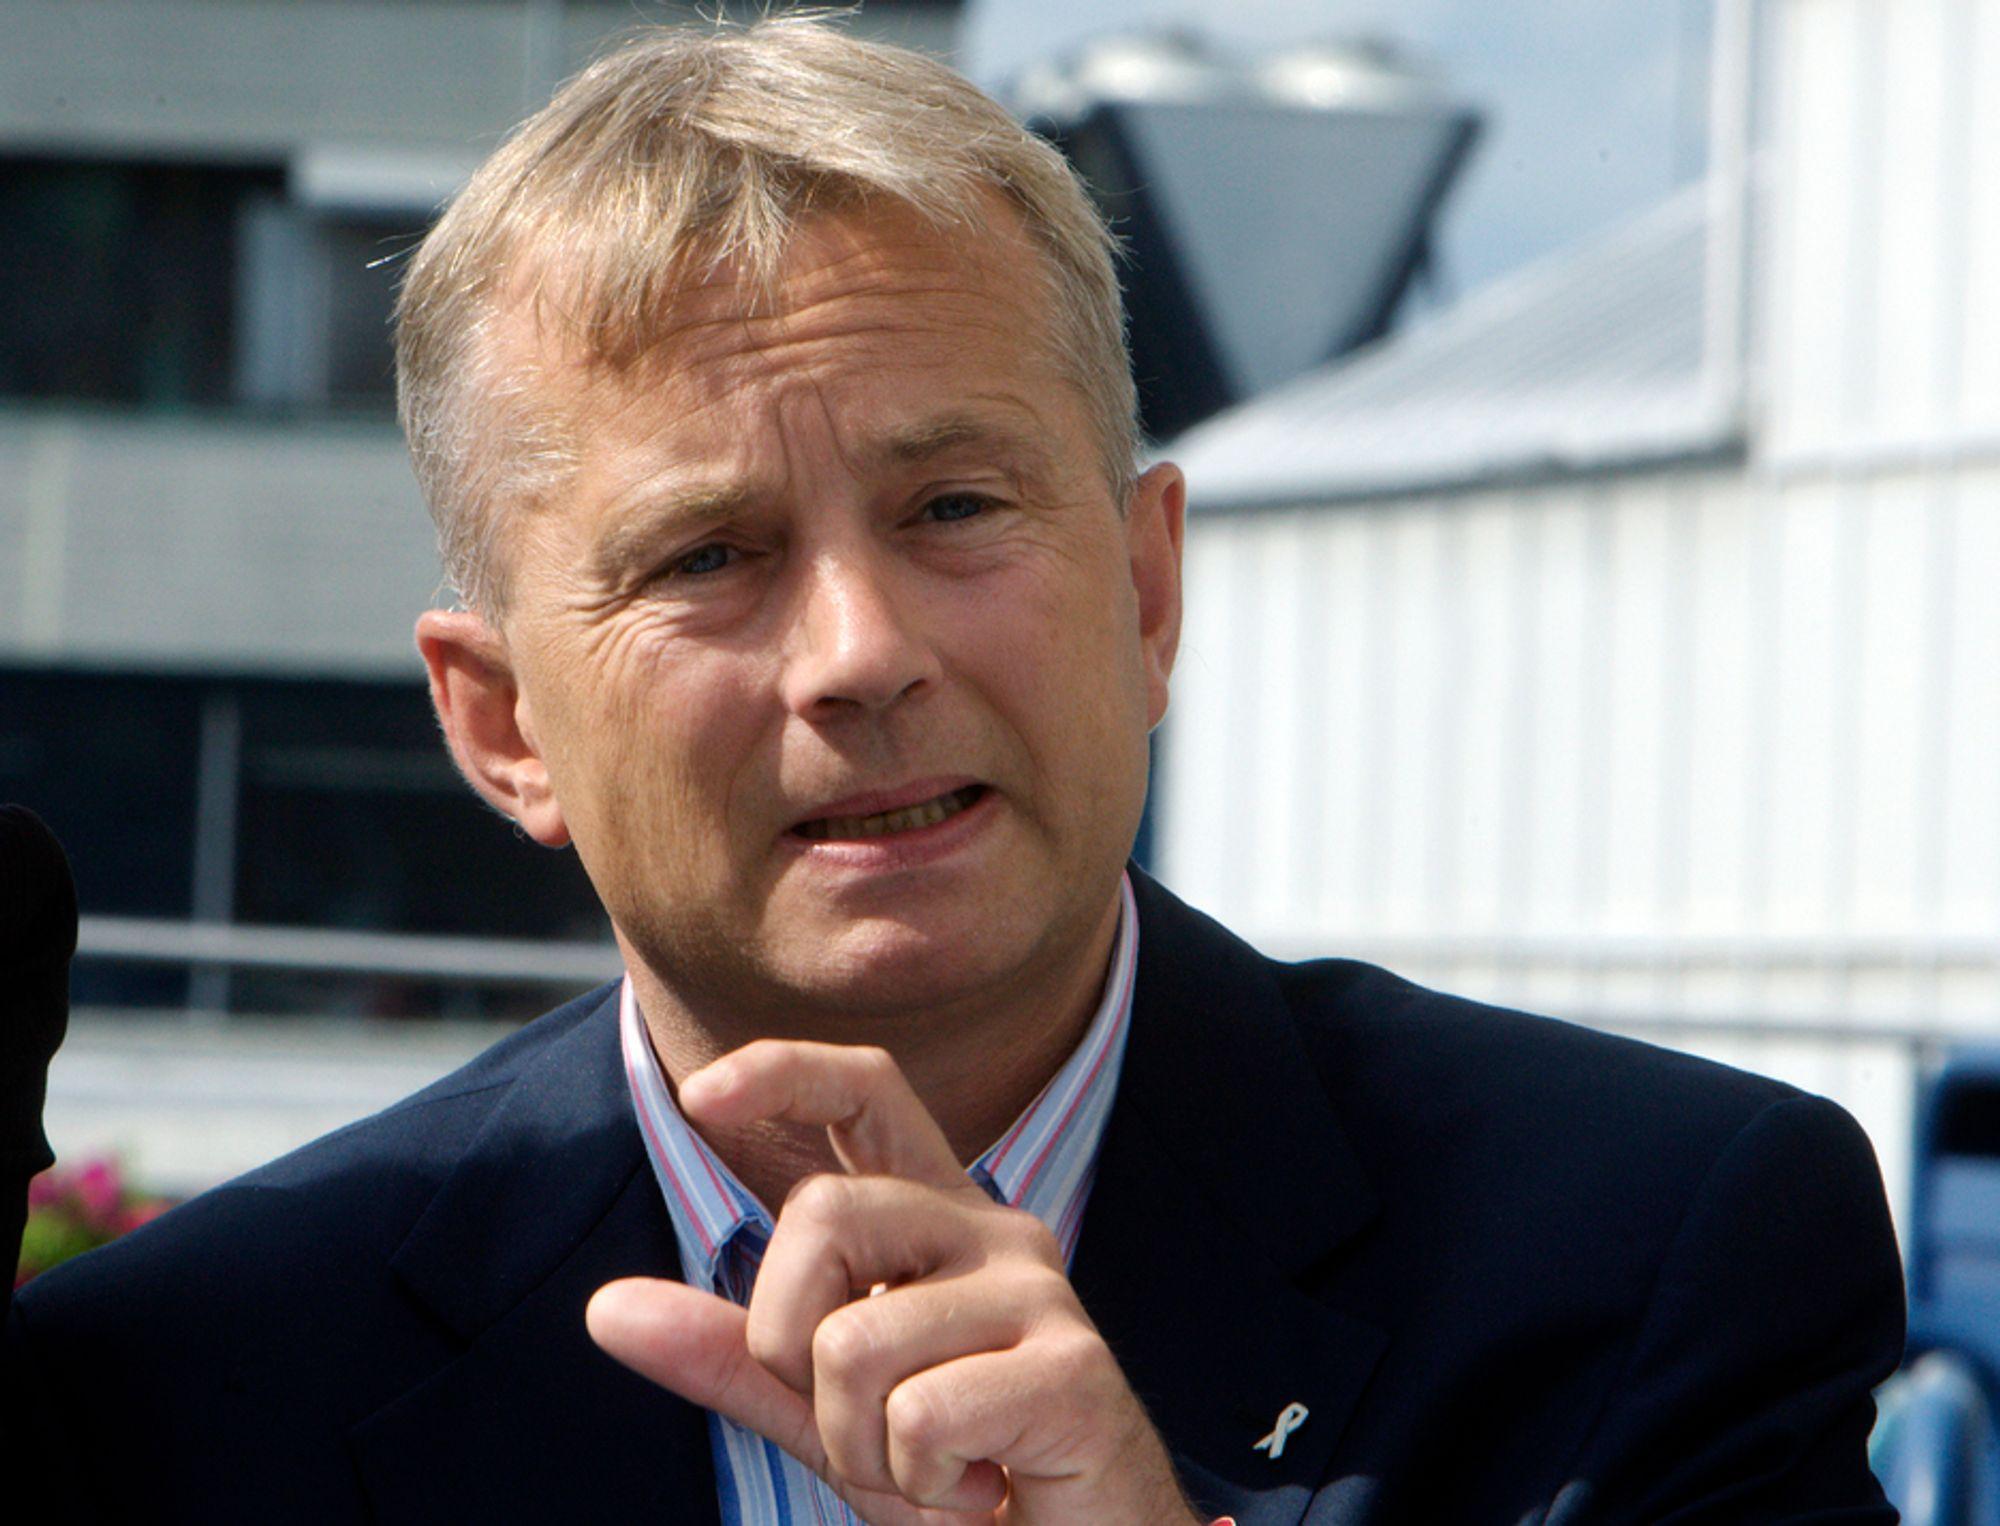 UTVIDER: Justisminister Knut Storberget åpnet idtyveri-tjenesten på forsommeren, og nå kan den bli utvidet til et nordisk samarbeid.